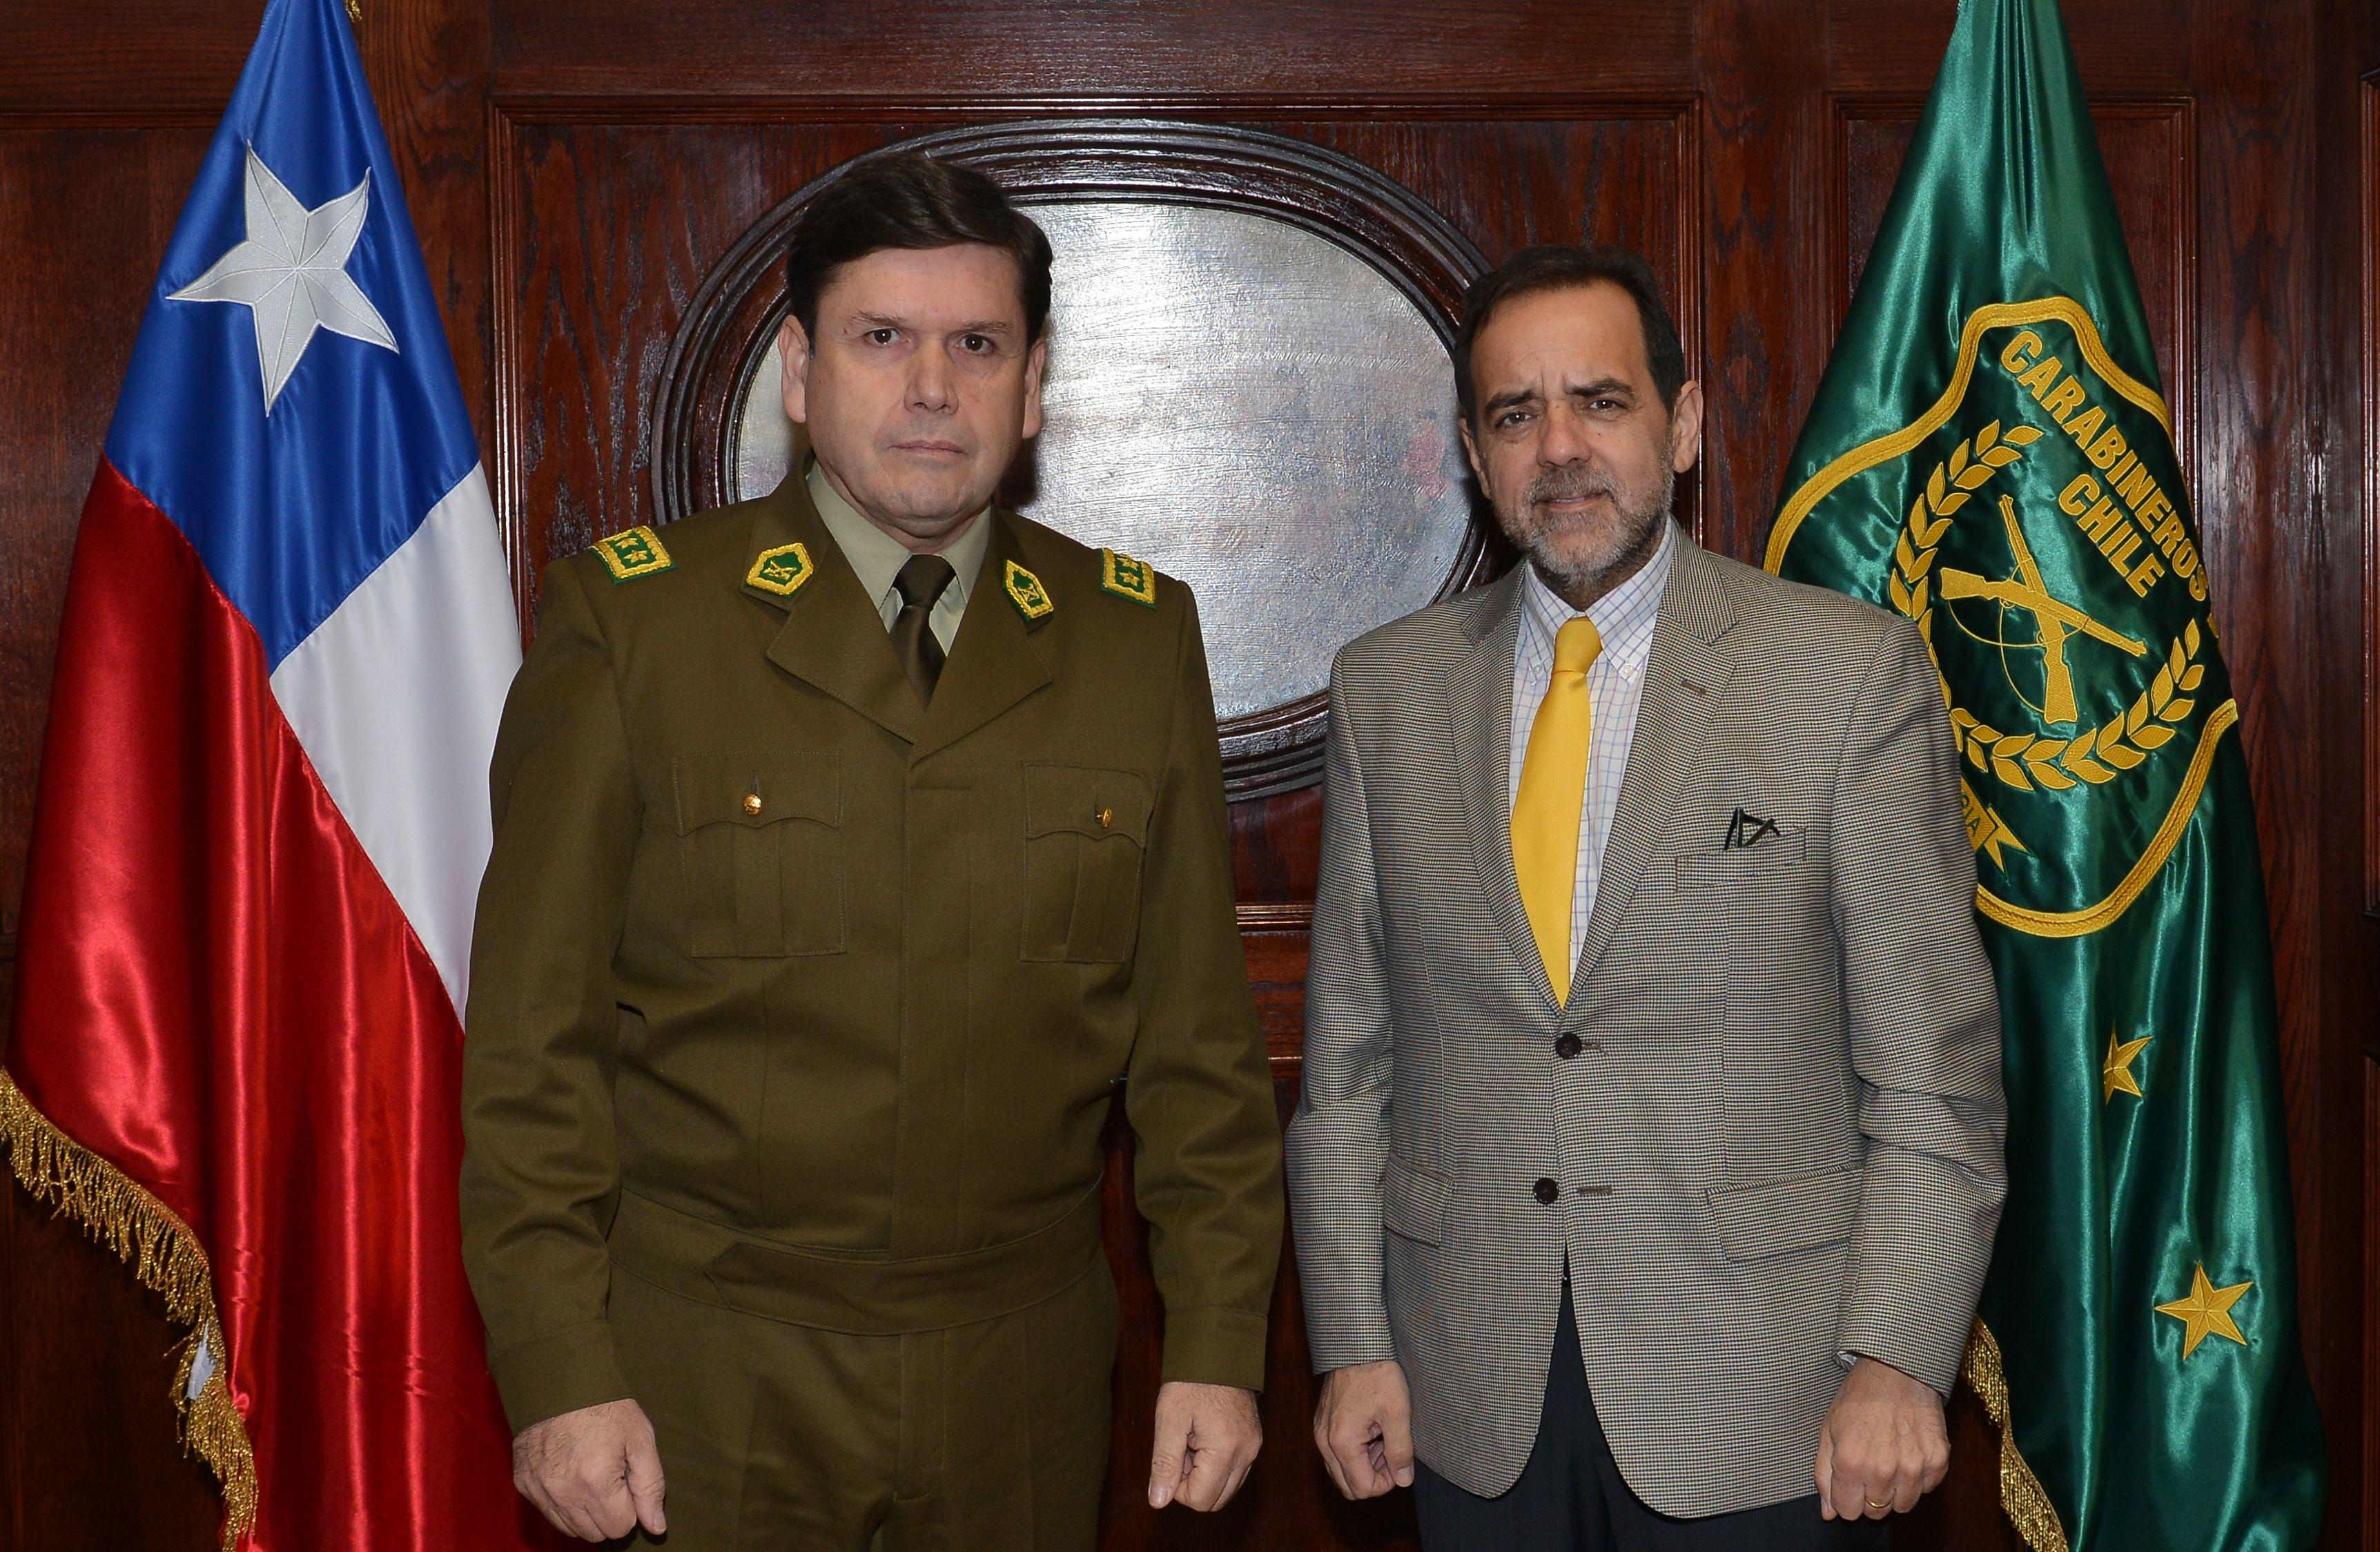 Mulet solicita la construcción de dos nuevos cuarteles y mayor dotación policial para Atacama